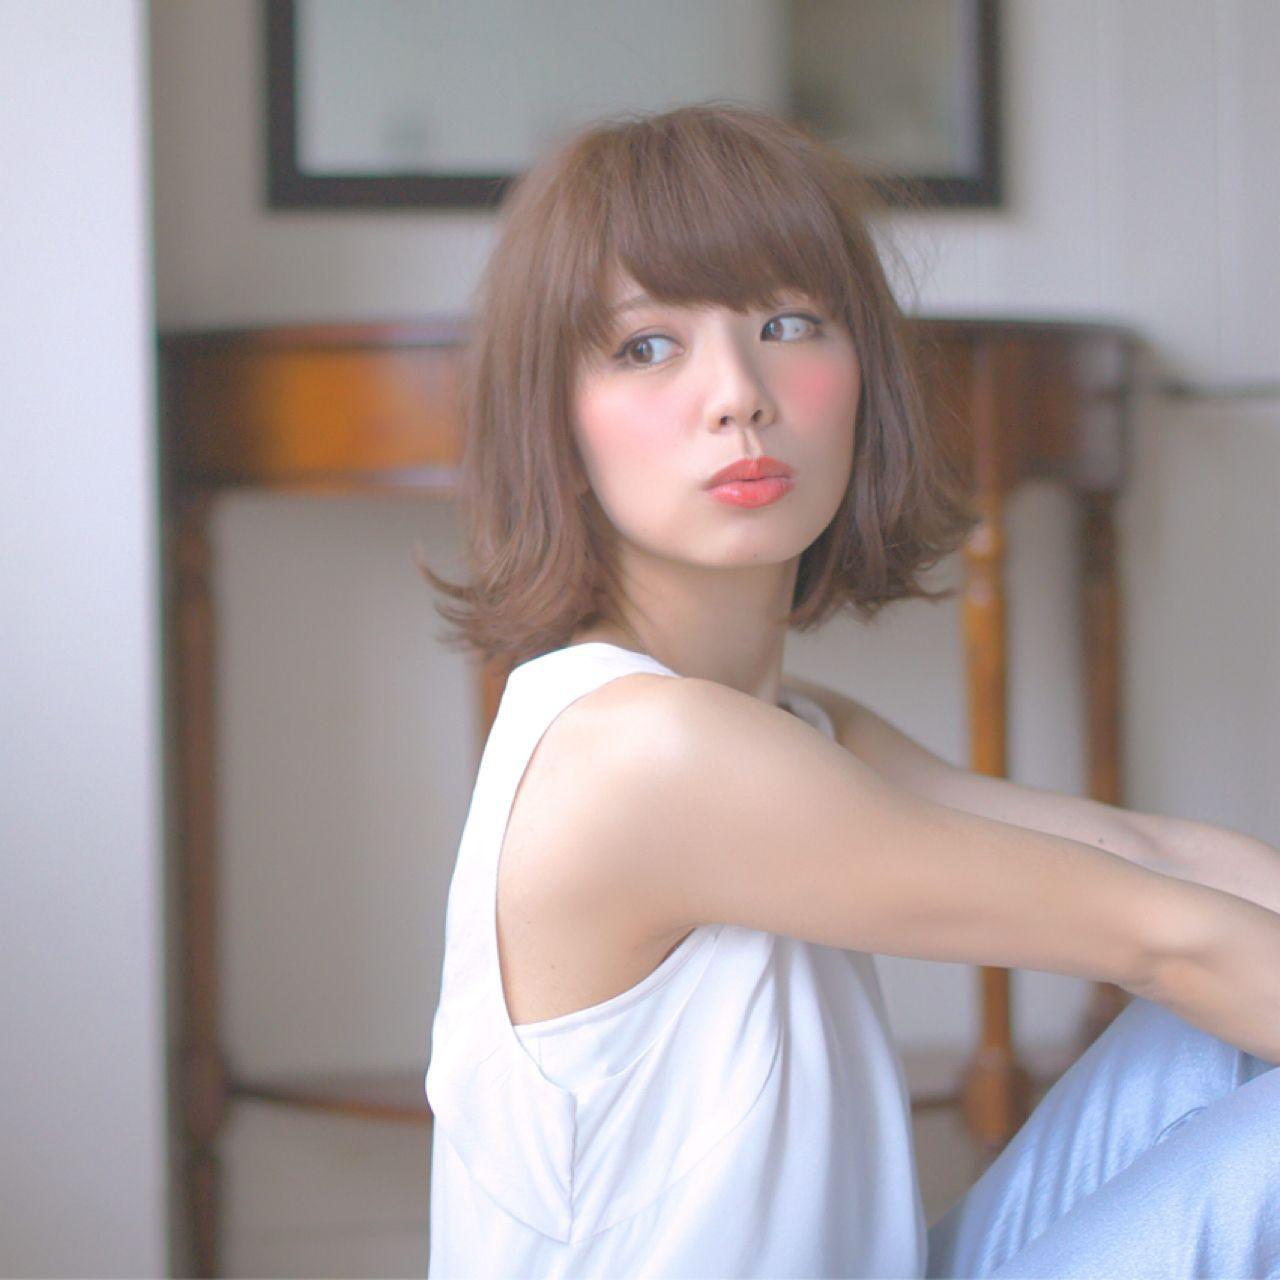 誰よりも可愛くなれる♡おフェロ髪になりた~い♡♡ 塚由晃司